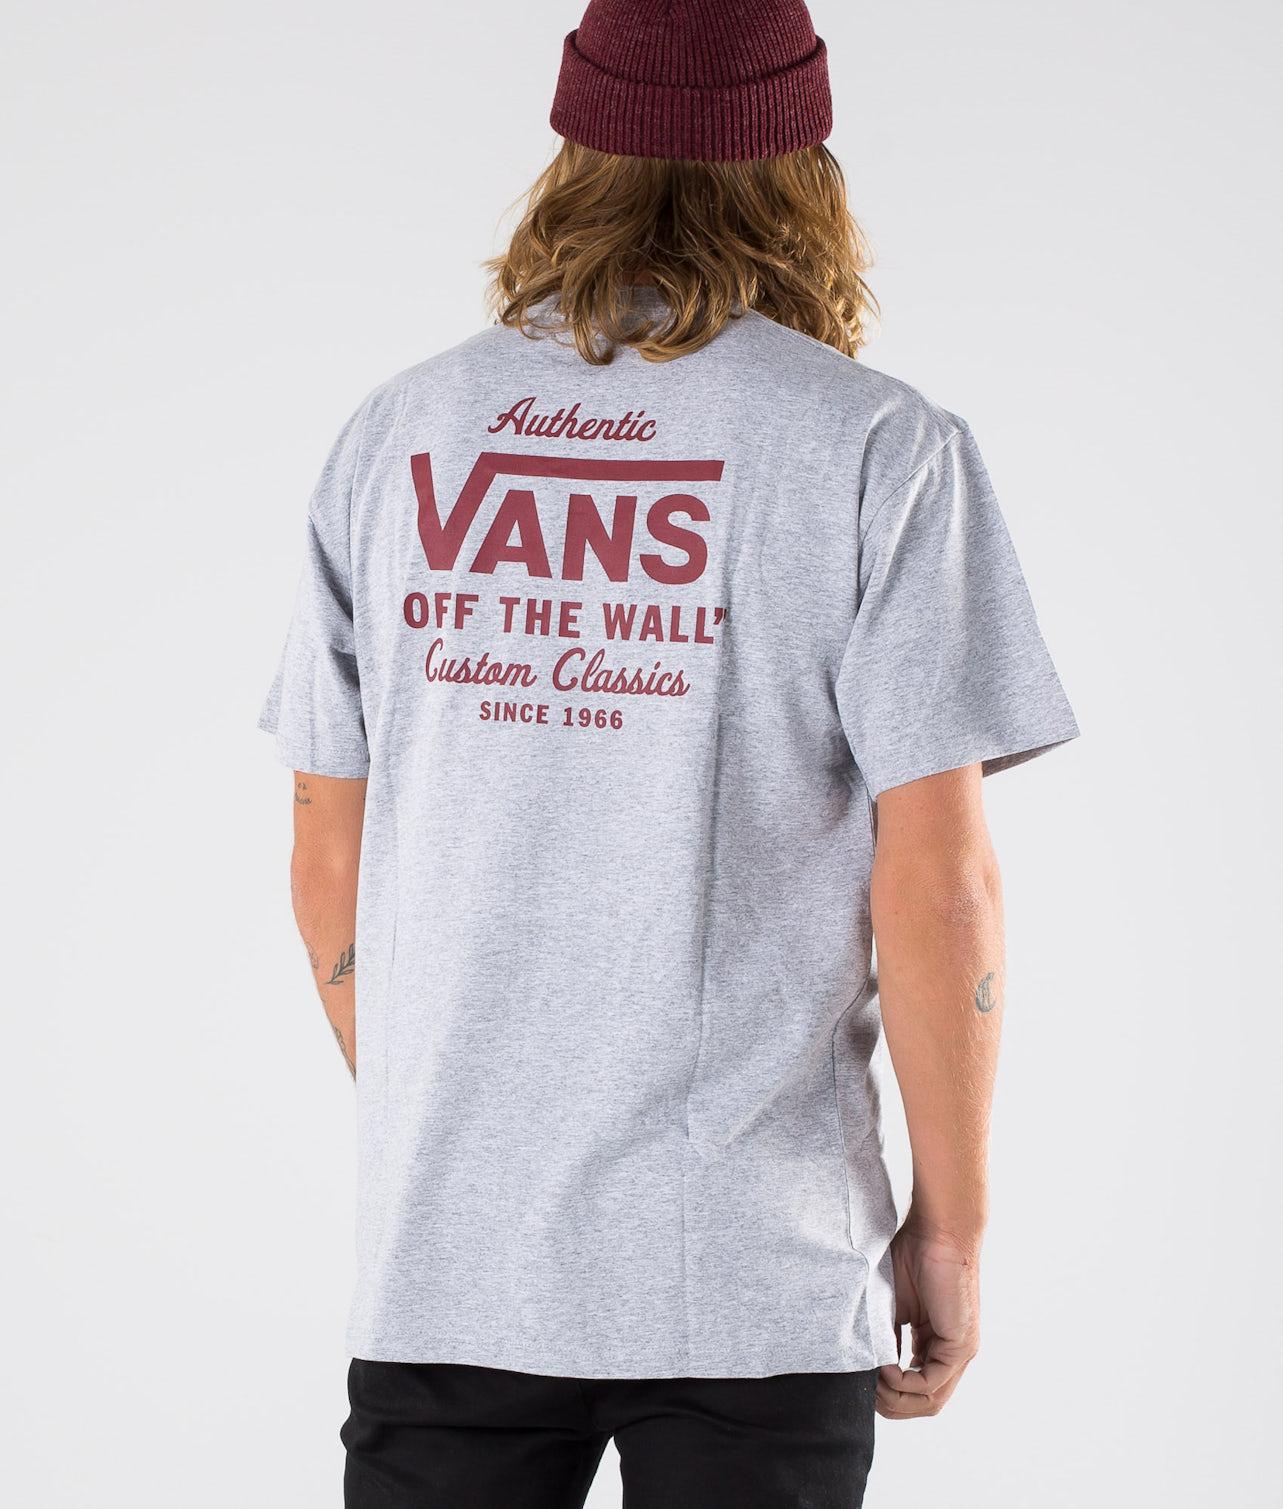 Kjøp Holder St Classic T-shirt fra Vans på Ridestore.no - Hos oss har du alltid fri frakt, fri retur og 30 dagers åpent kjøp!